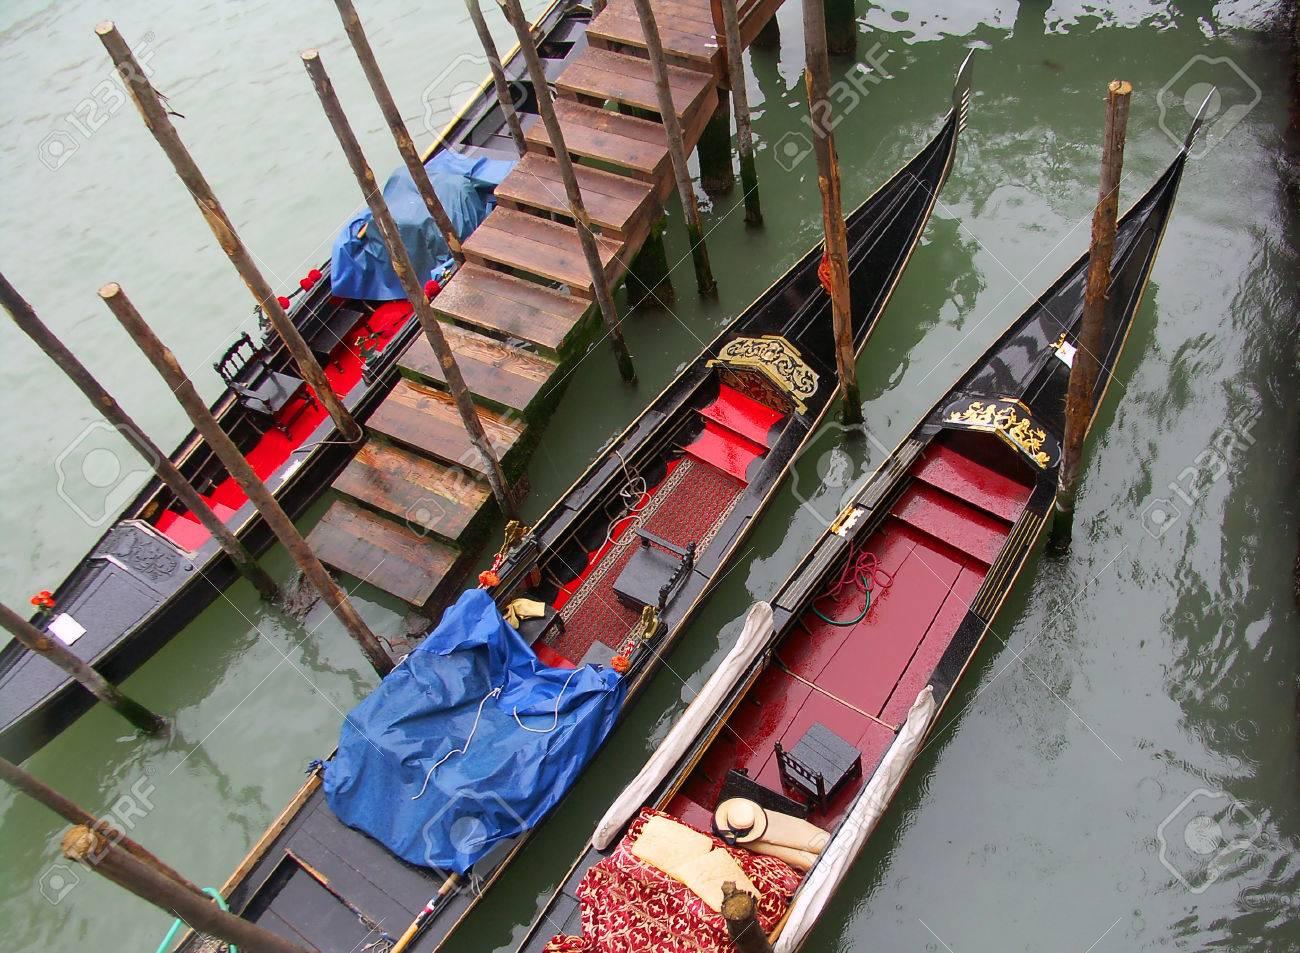 Gondole in Venezia under the rain - 33033105